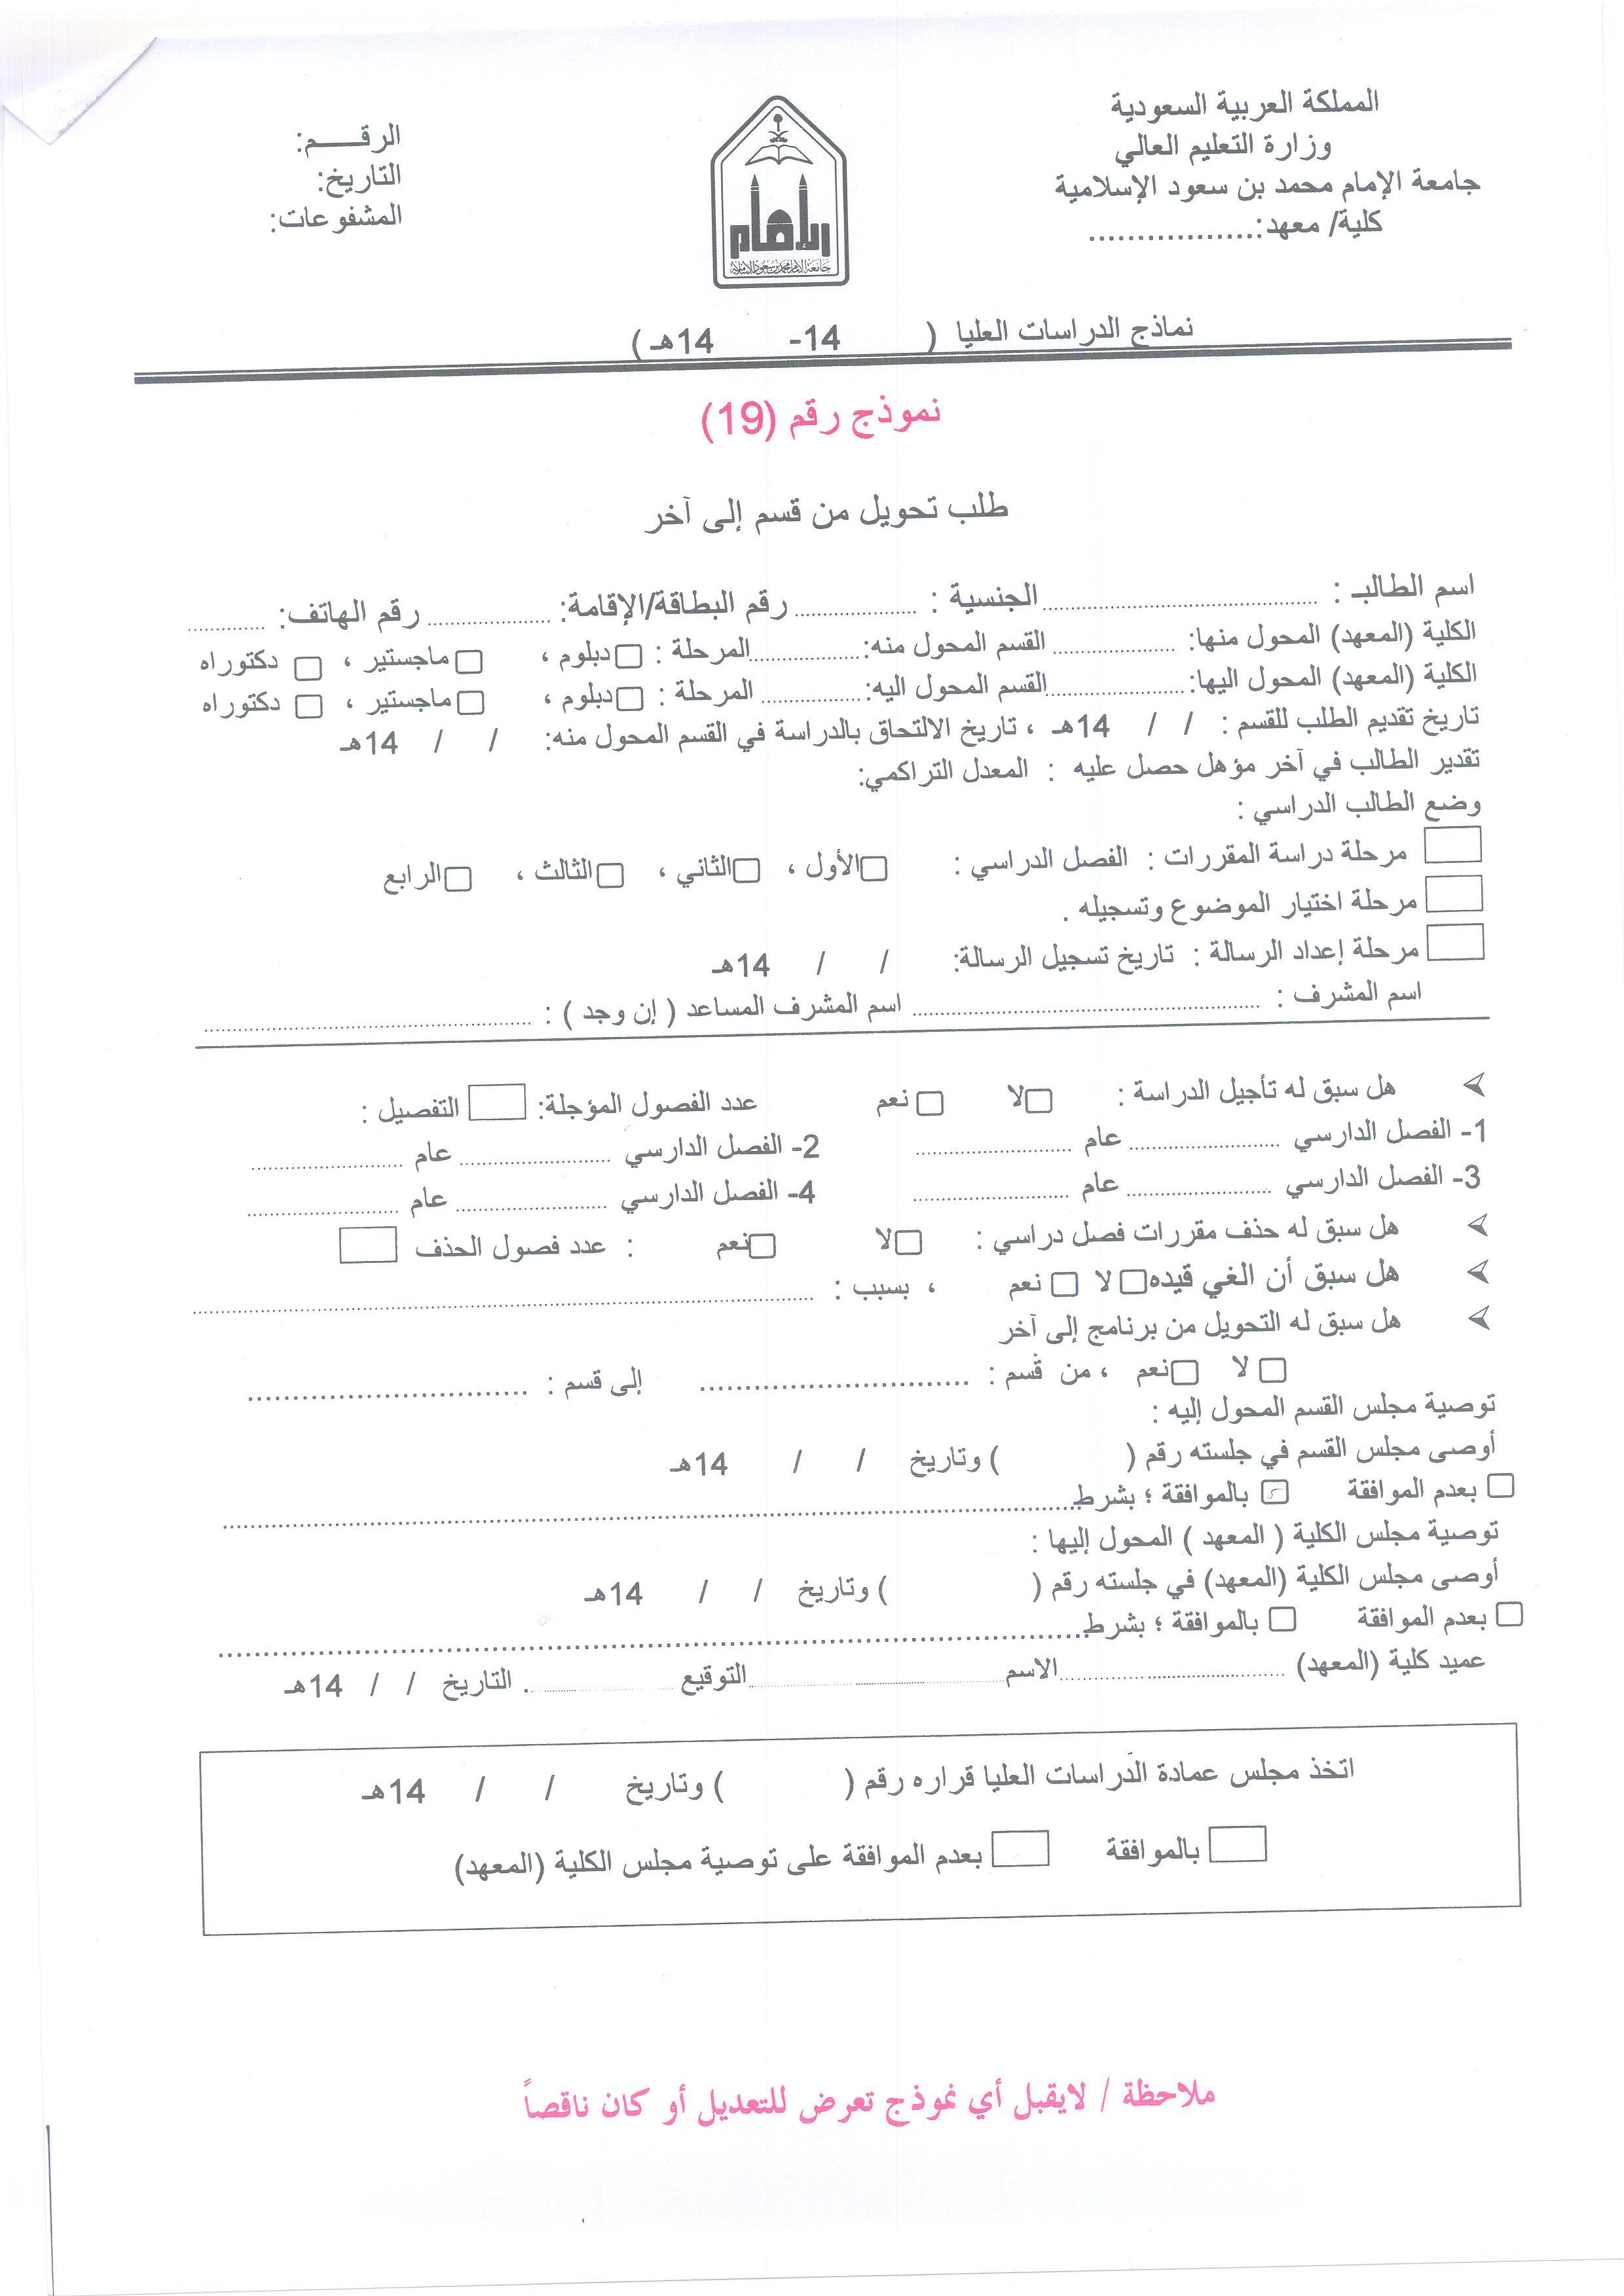 كتاب اصول الثقافة الاسلامية جامعة الملك سعود pdf